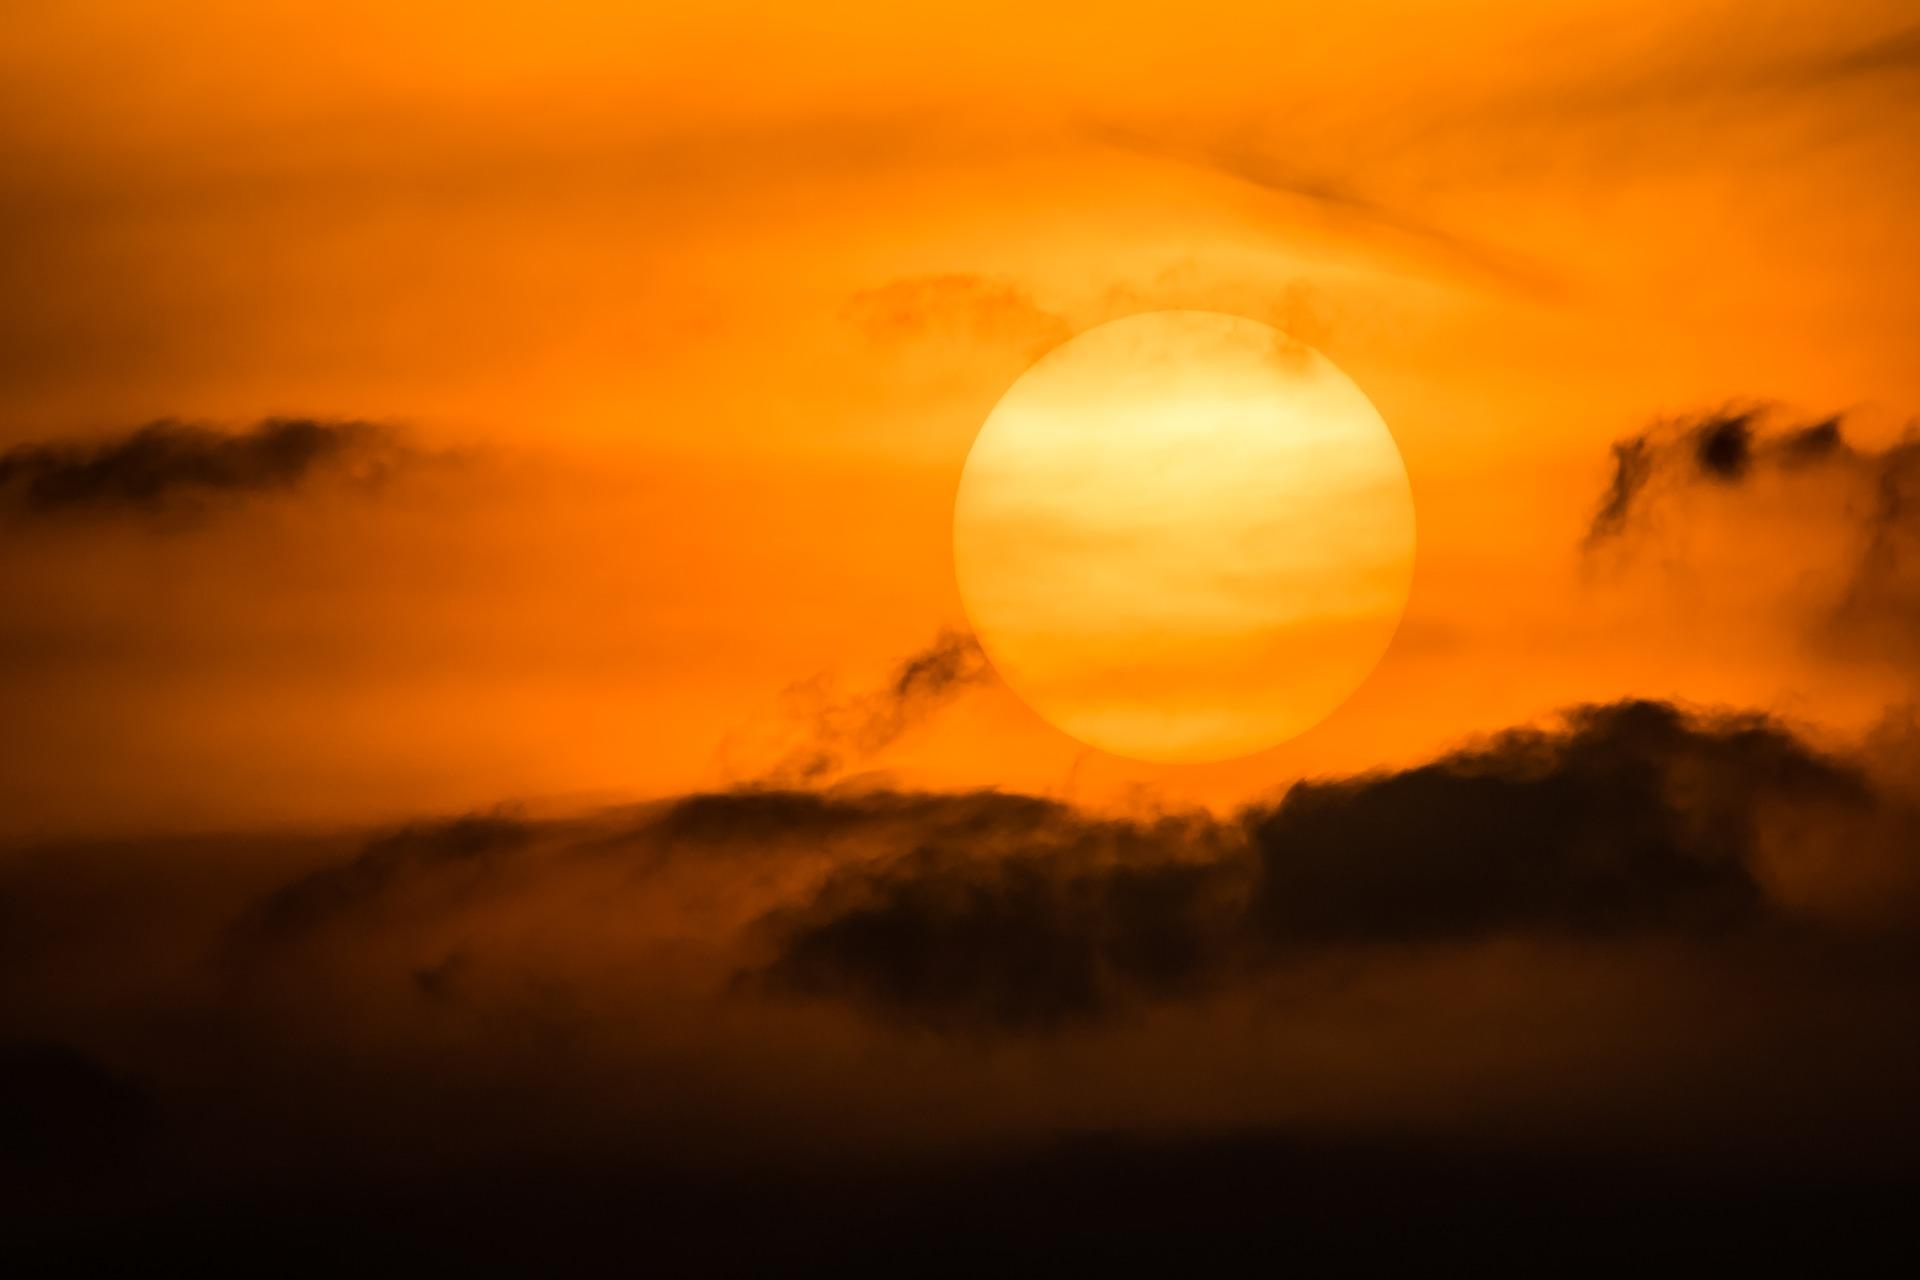 sun-3305422_1920.jpg